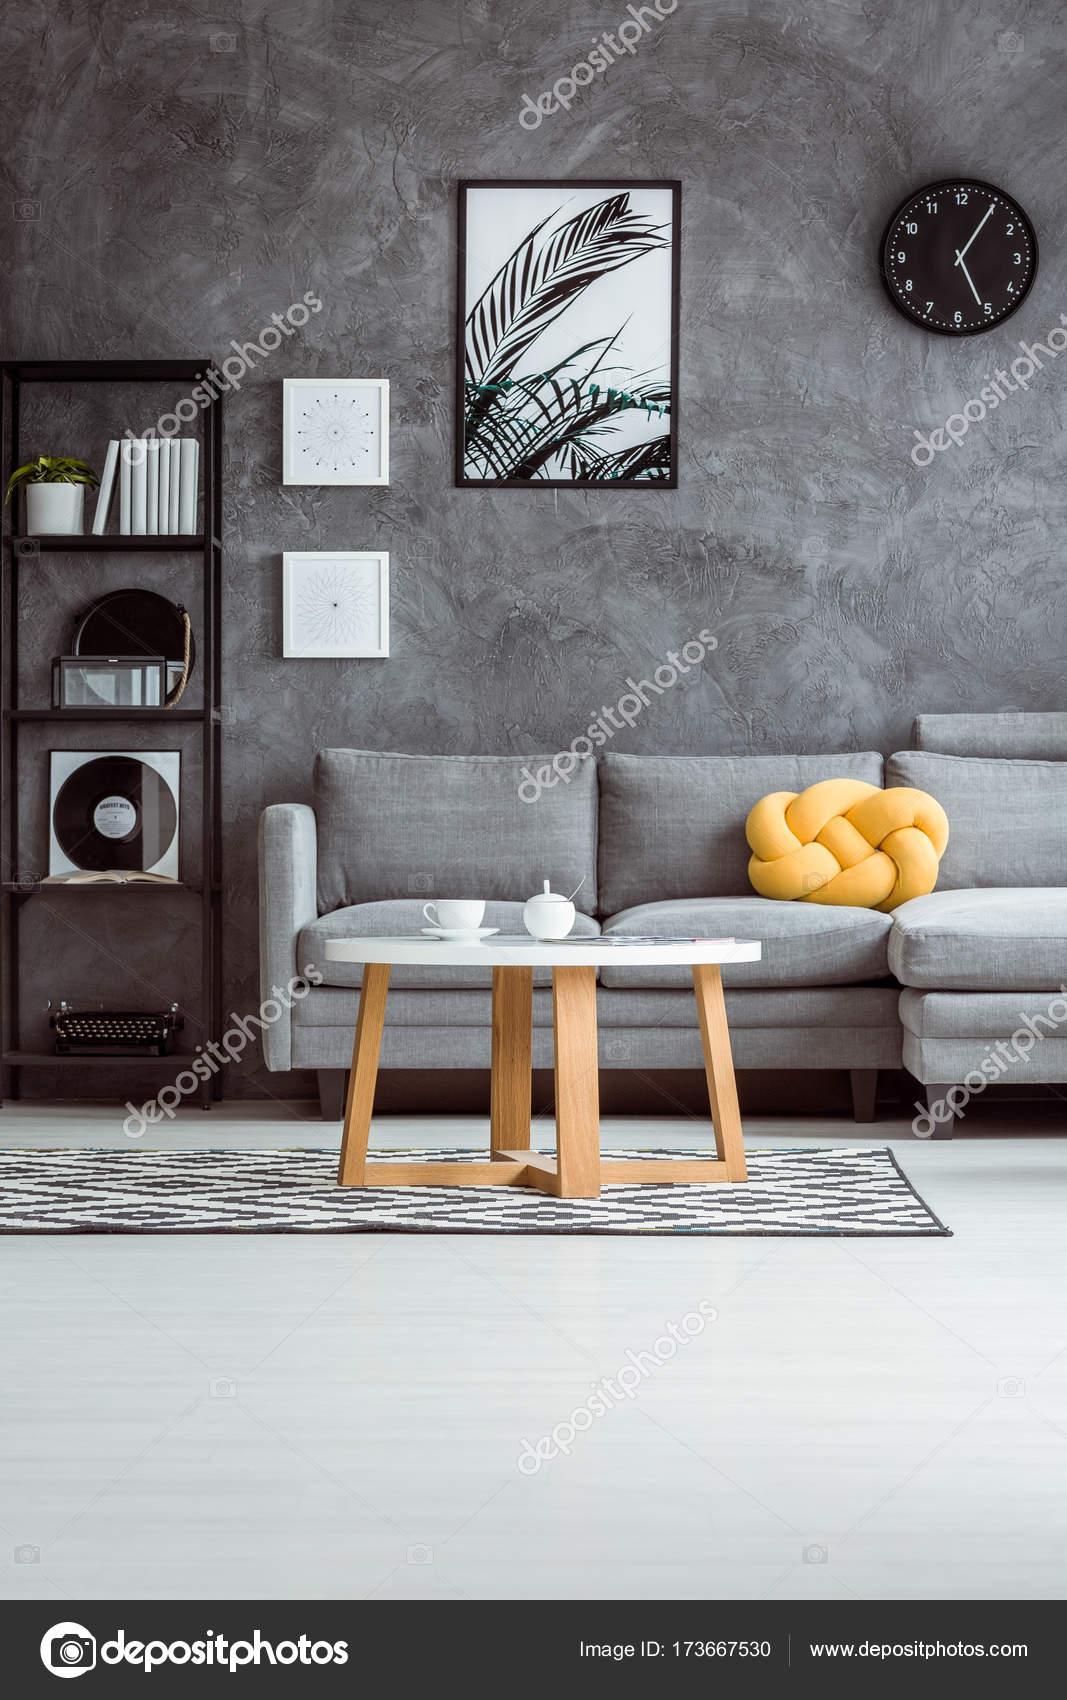 8a9a6c2e6cc4e7 Apartamento moderno com sofá cinza — Fotografias de Stock ...